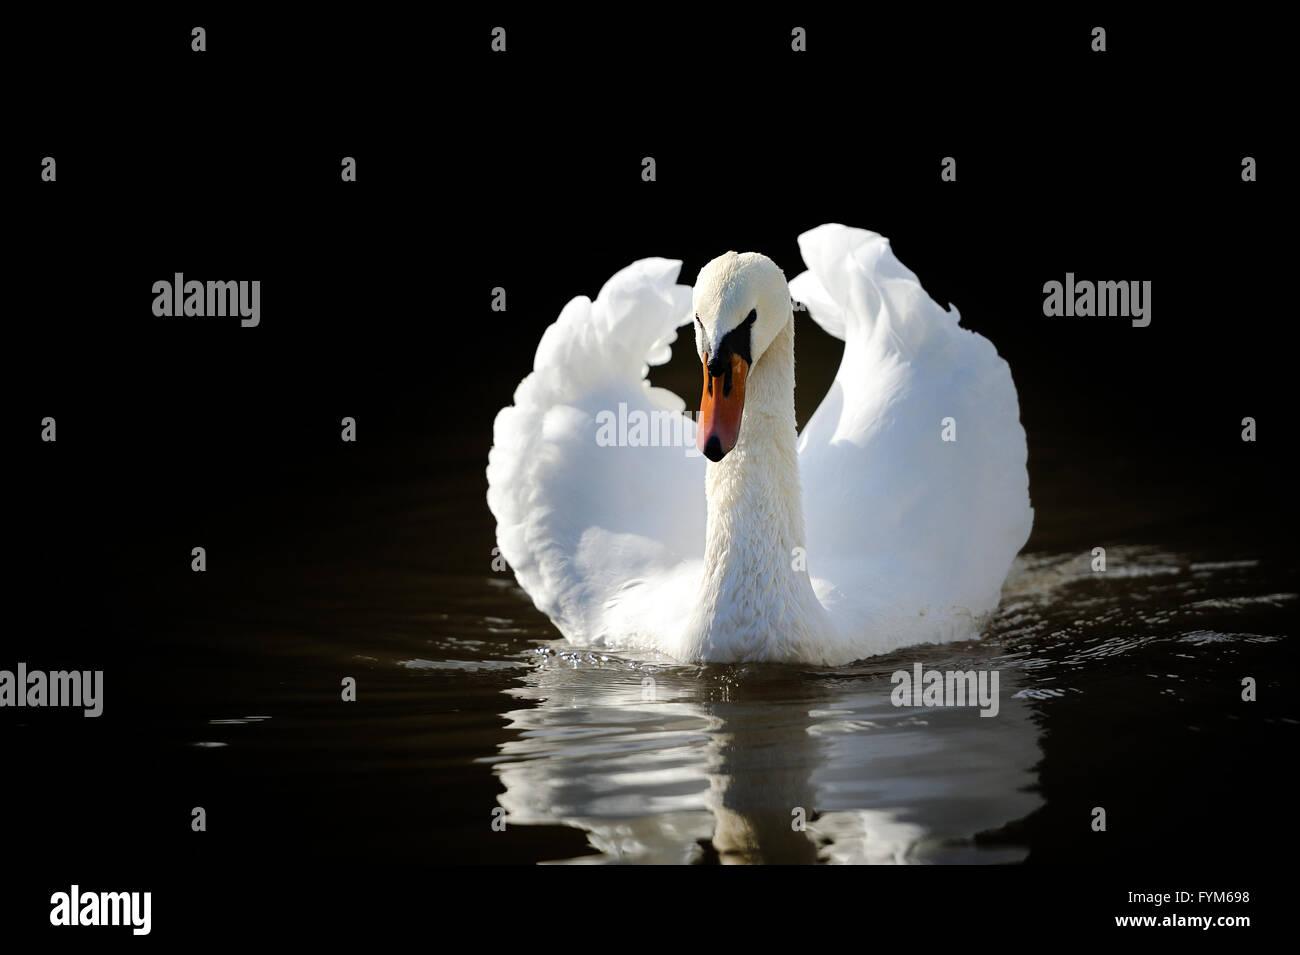 Swan Photo Stock